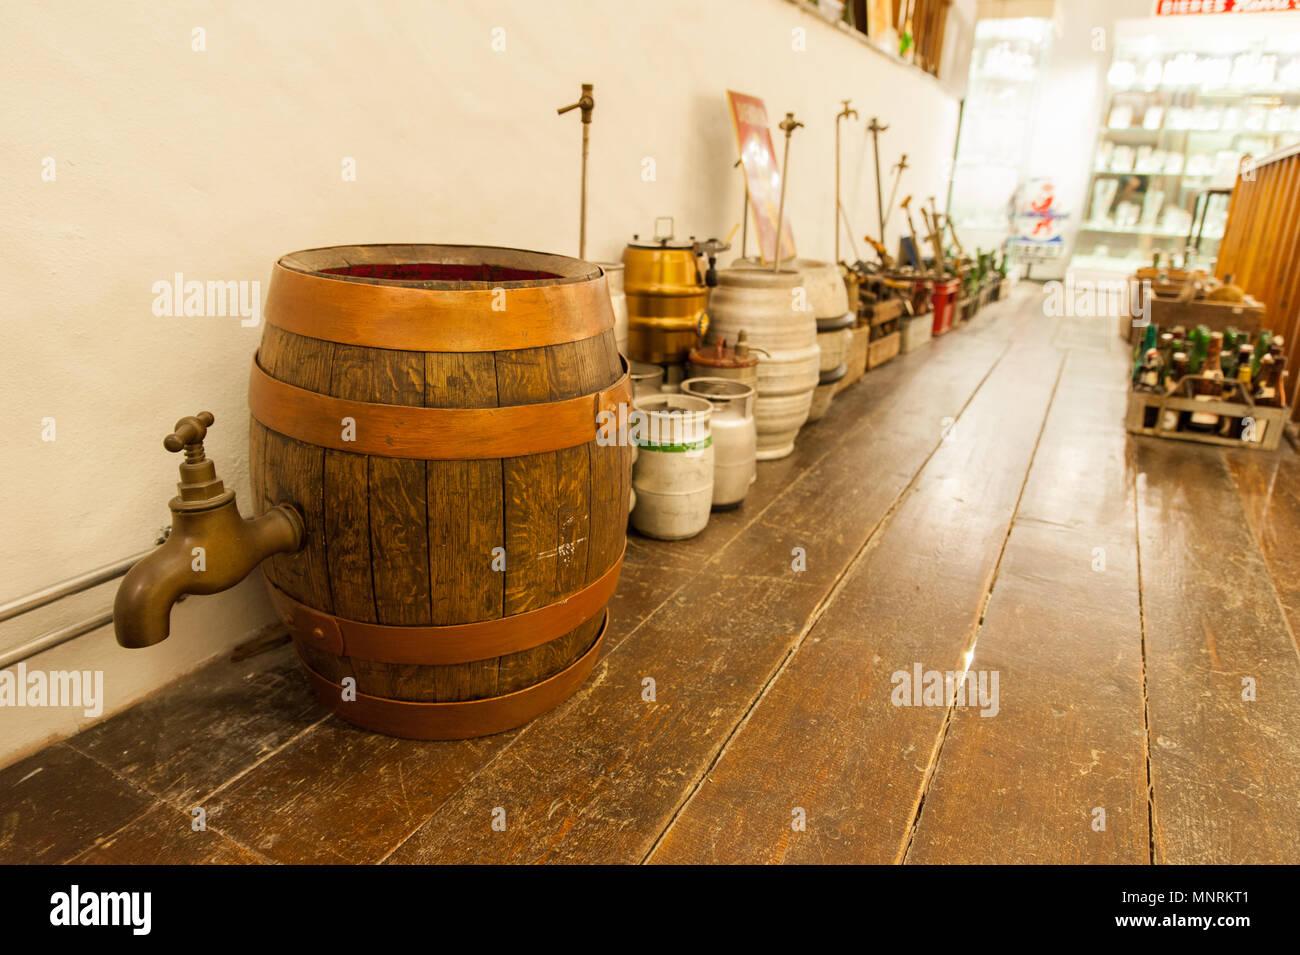 Museo de la Cervecería Nacional, Wiltz, Luxemburgo.Las exposiciones ofrecen una visión general de 6000 años de historia en la fabricación de cerveza. Imagen De Stock